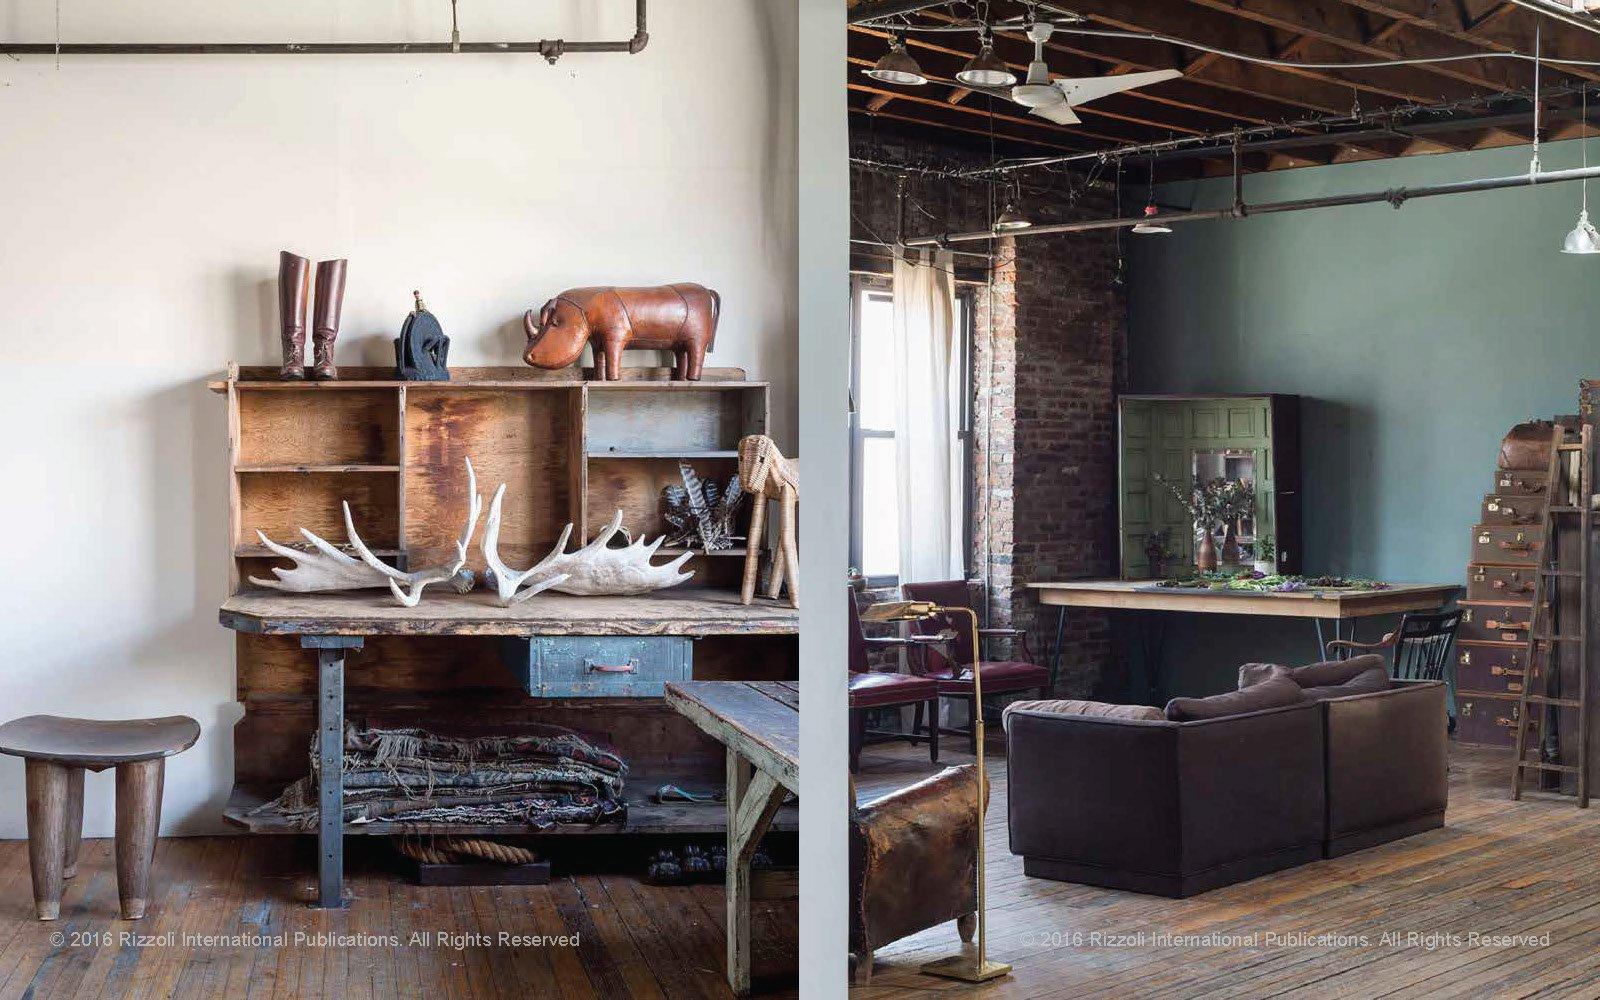 Brooklyn Interiors Kathleen Hackett Matthew Williams 9780847847457 Amazon.com Books & Brooklyn Interiors: Kathleen Hackett Matthew Williams ...